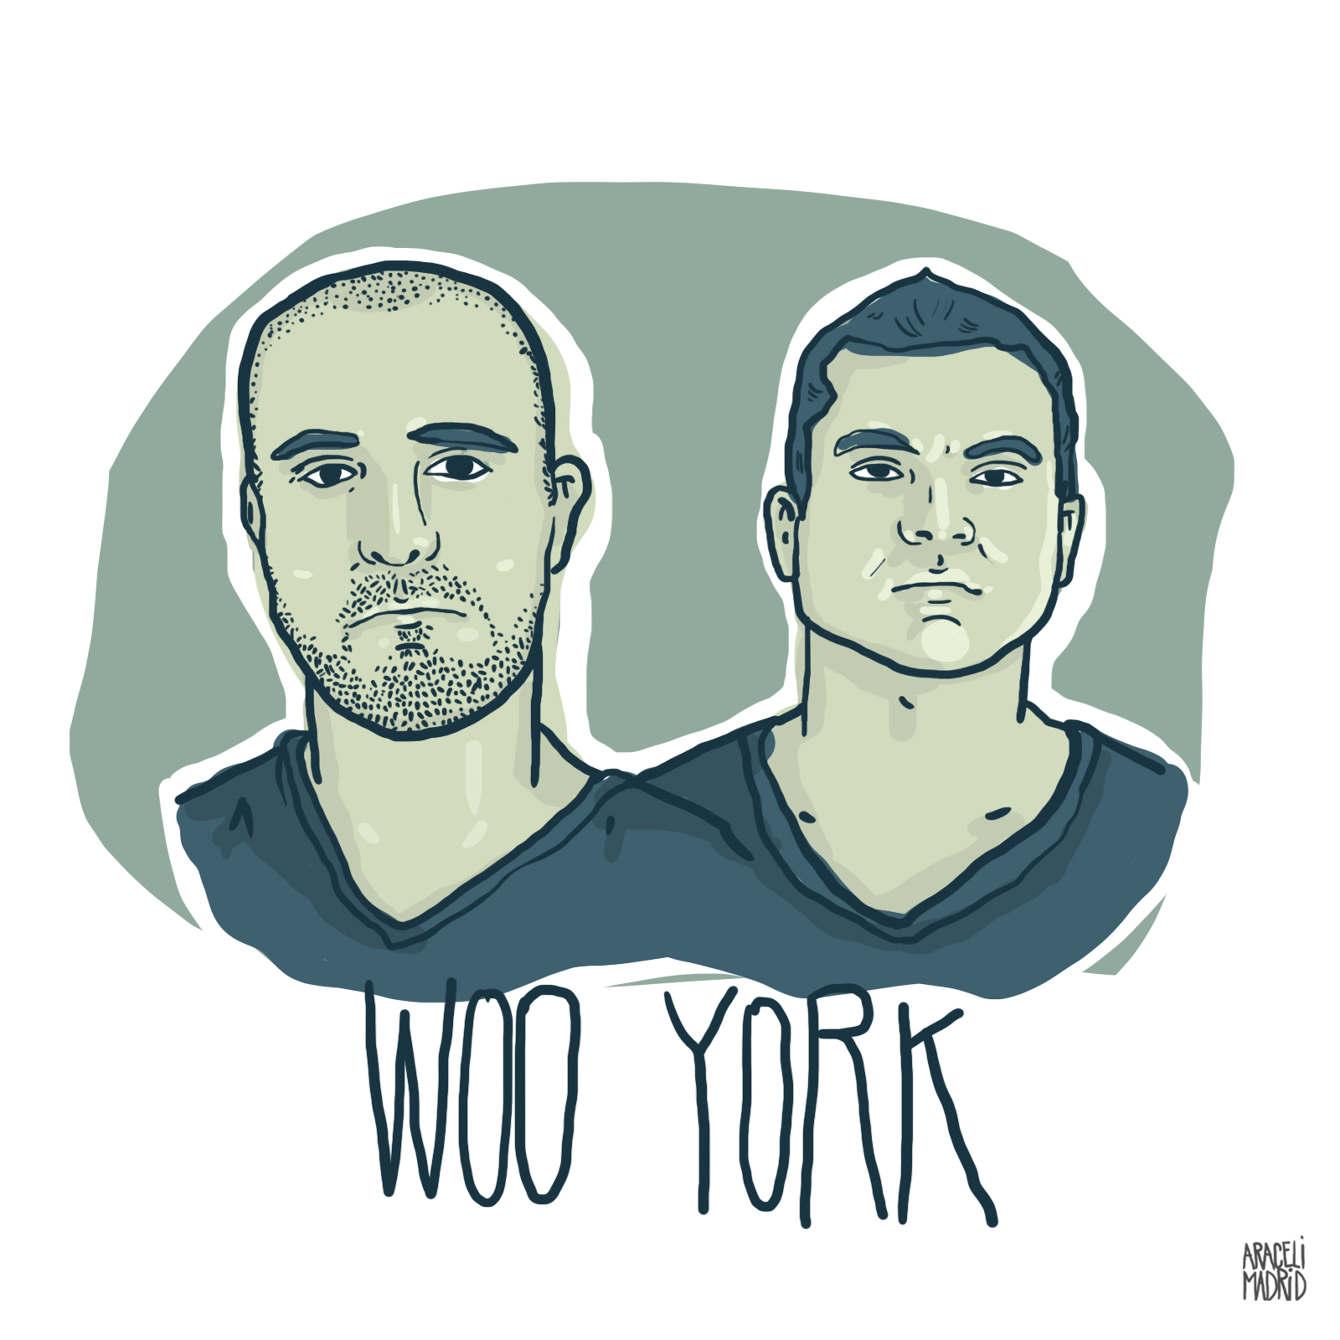 Woo York Djs ilustrados